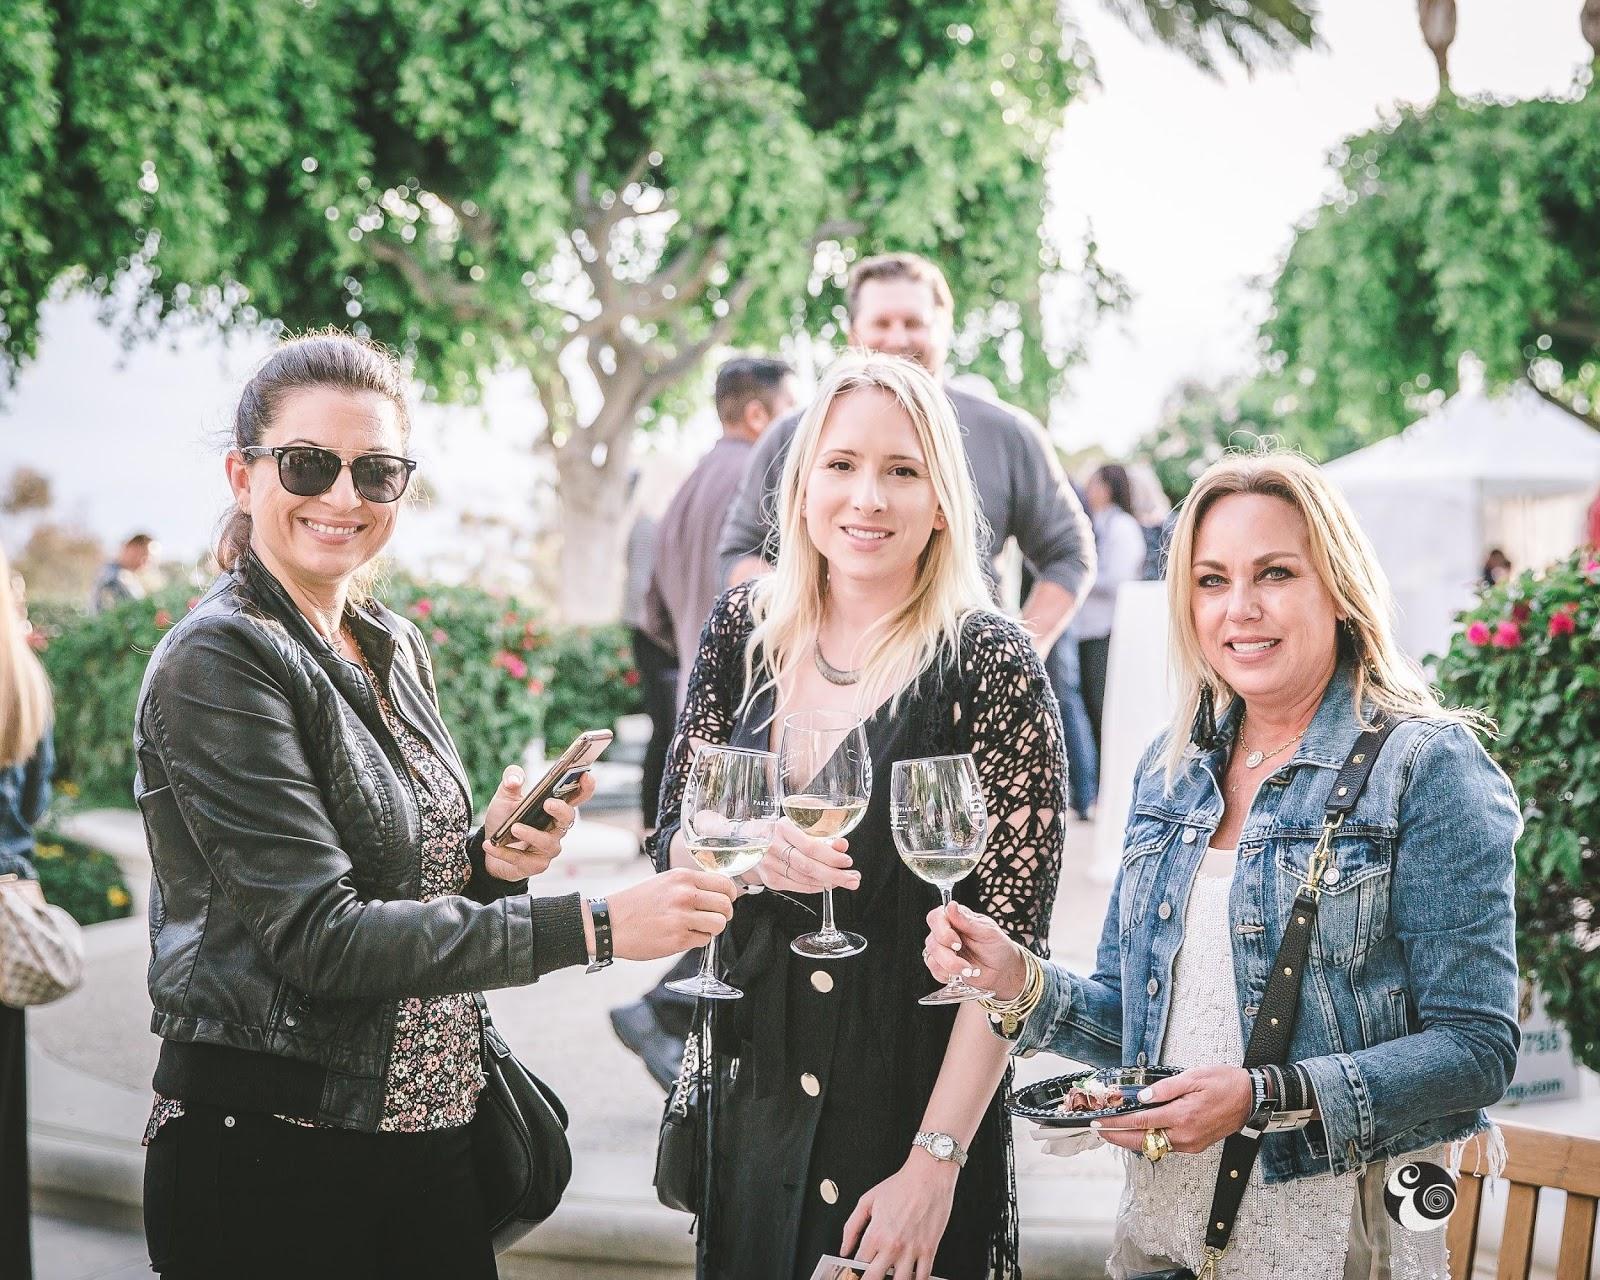 California Wine Festival Brings Luxury Wine Tasting To Carlsbad May